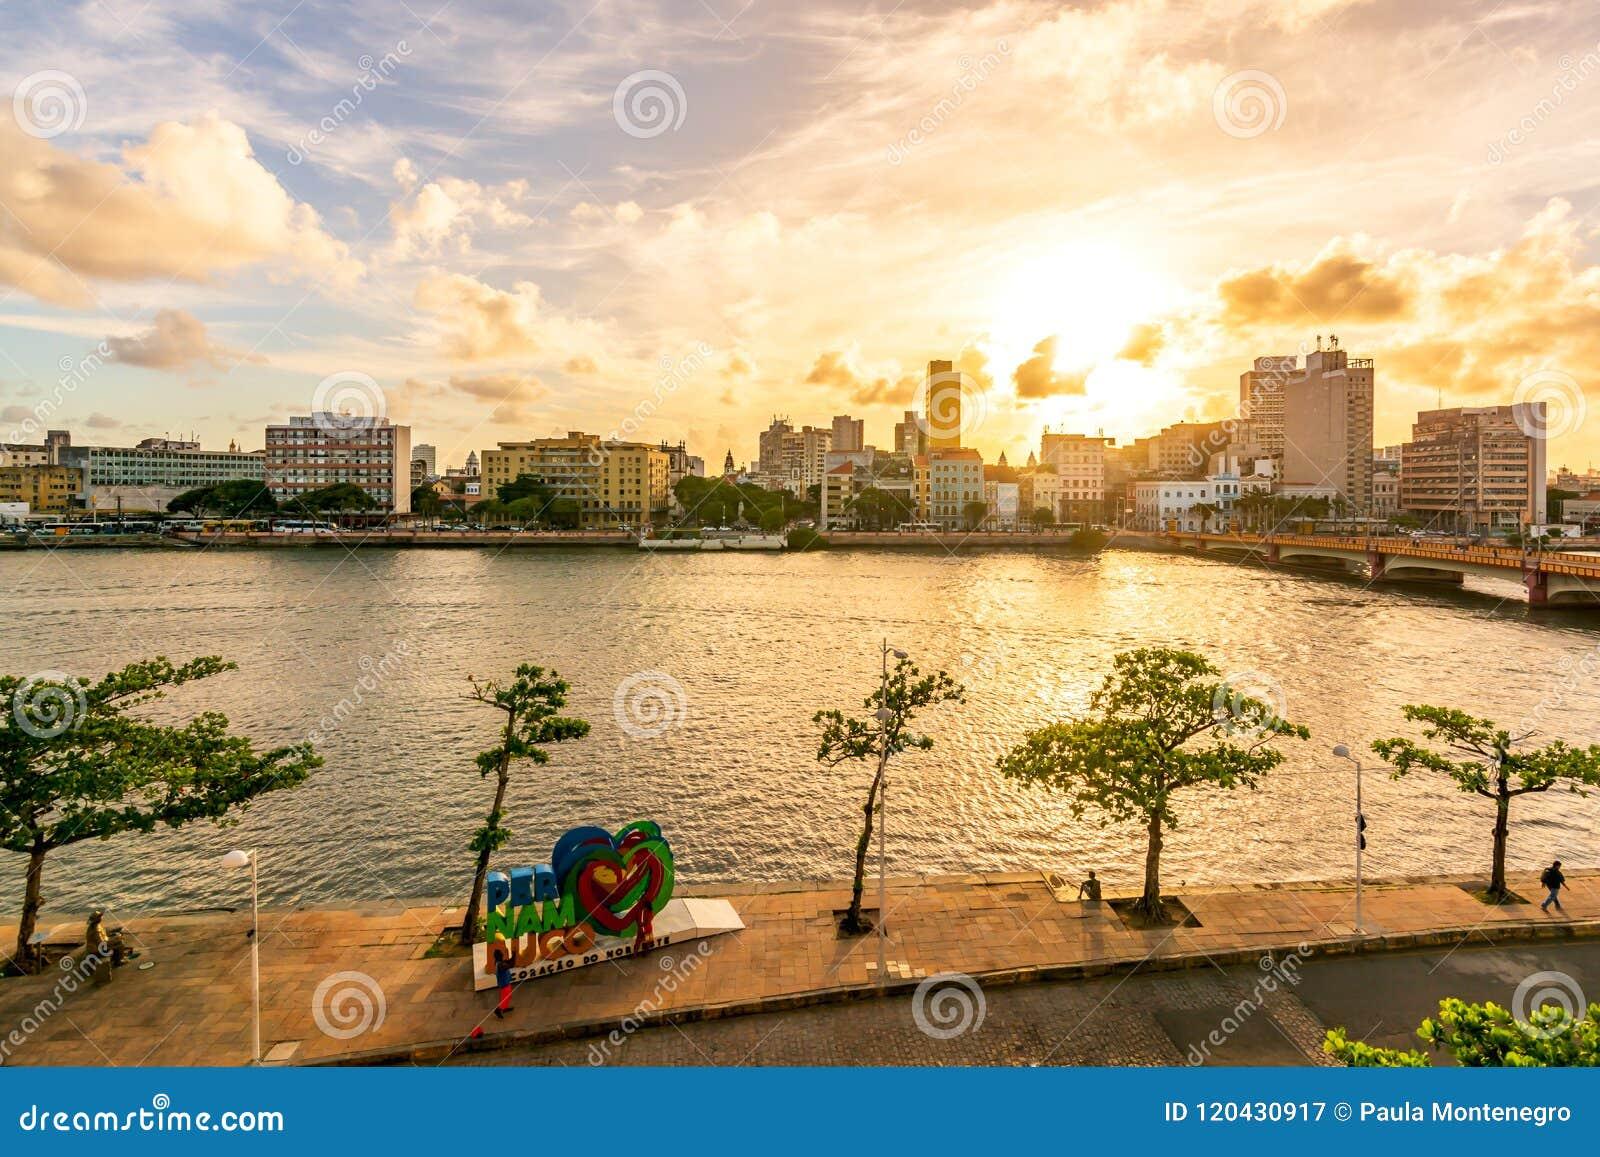 Ресифи, Pernambuco, Бразилия - апрель 2017: Заход солнца на реке Рио Capibaribe Capibaribe, бунде Cais da Alfândega Alfandega